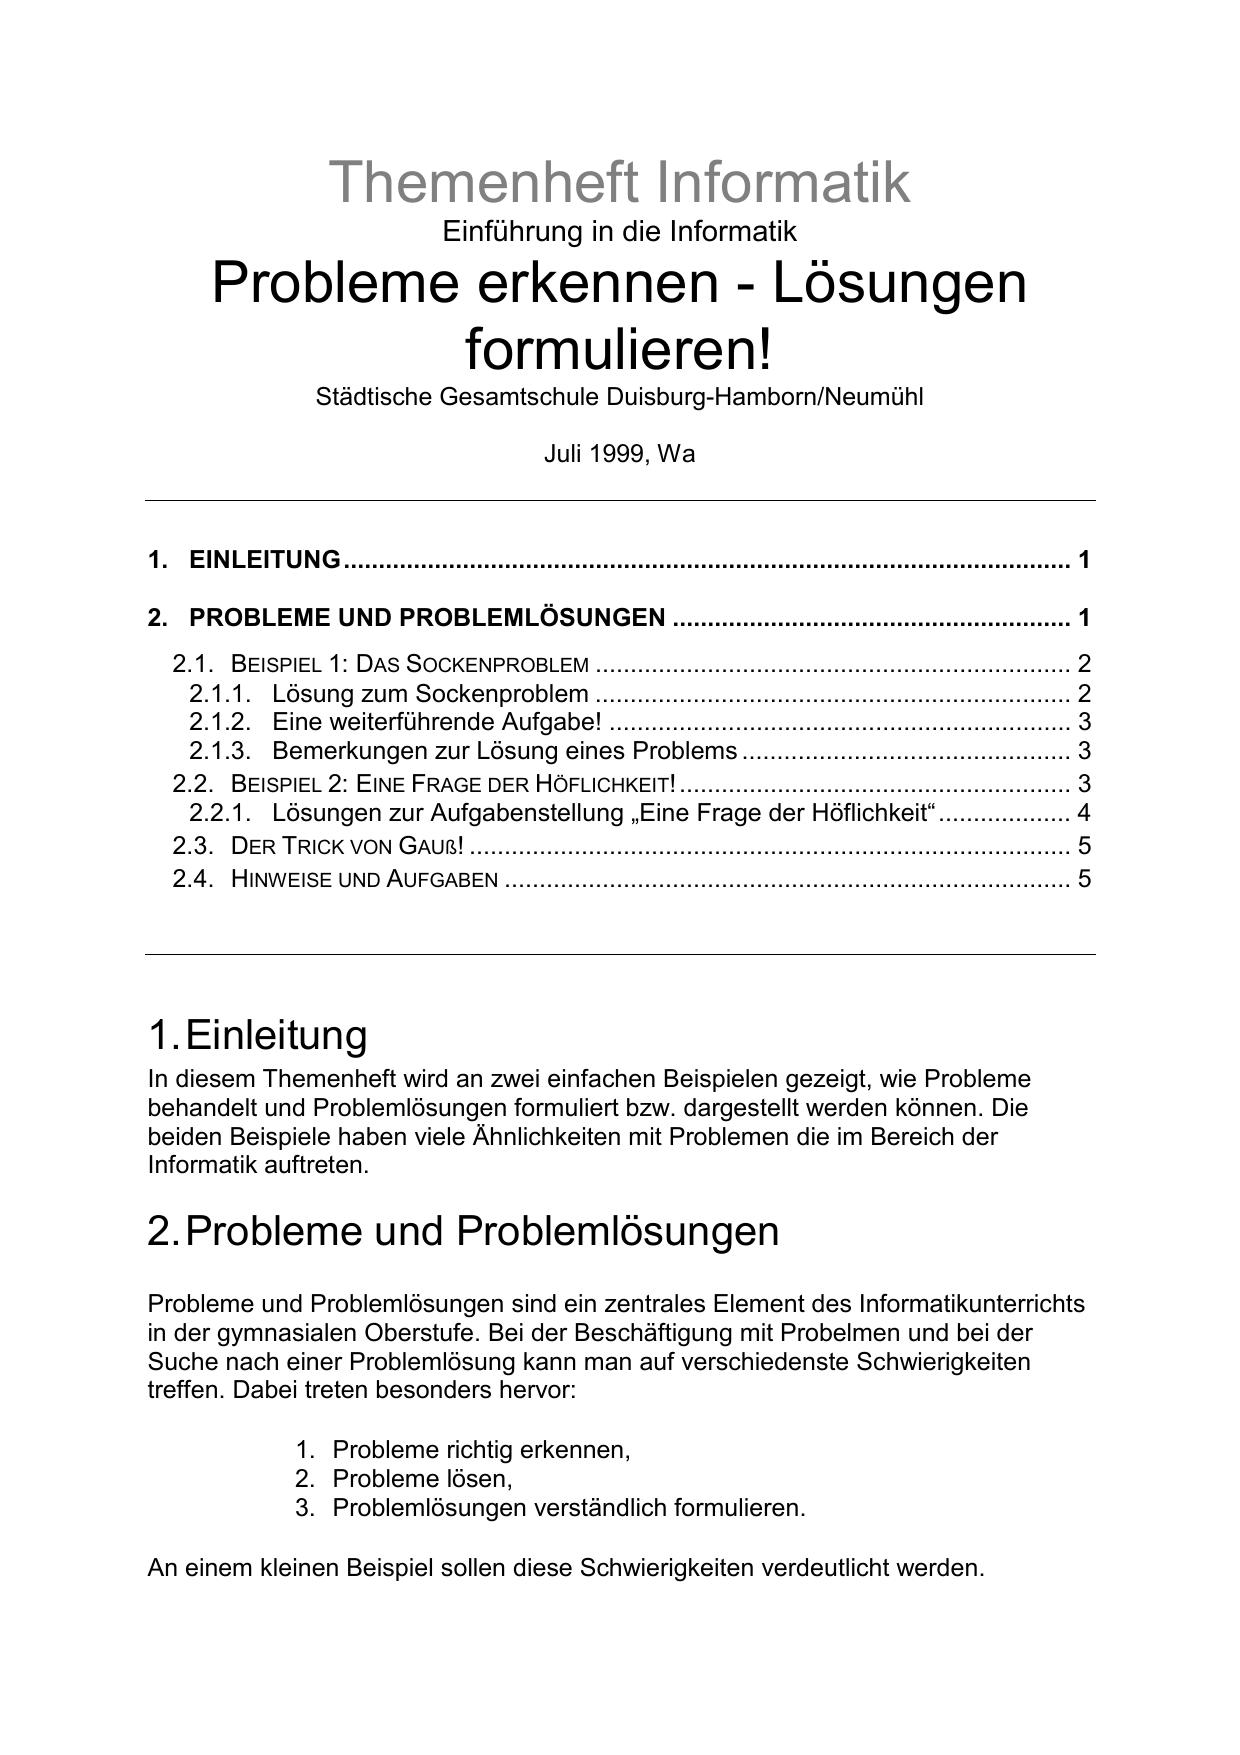 Themenheft Informatik Probleme Erkennen